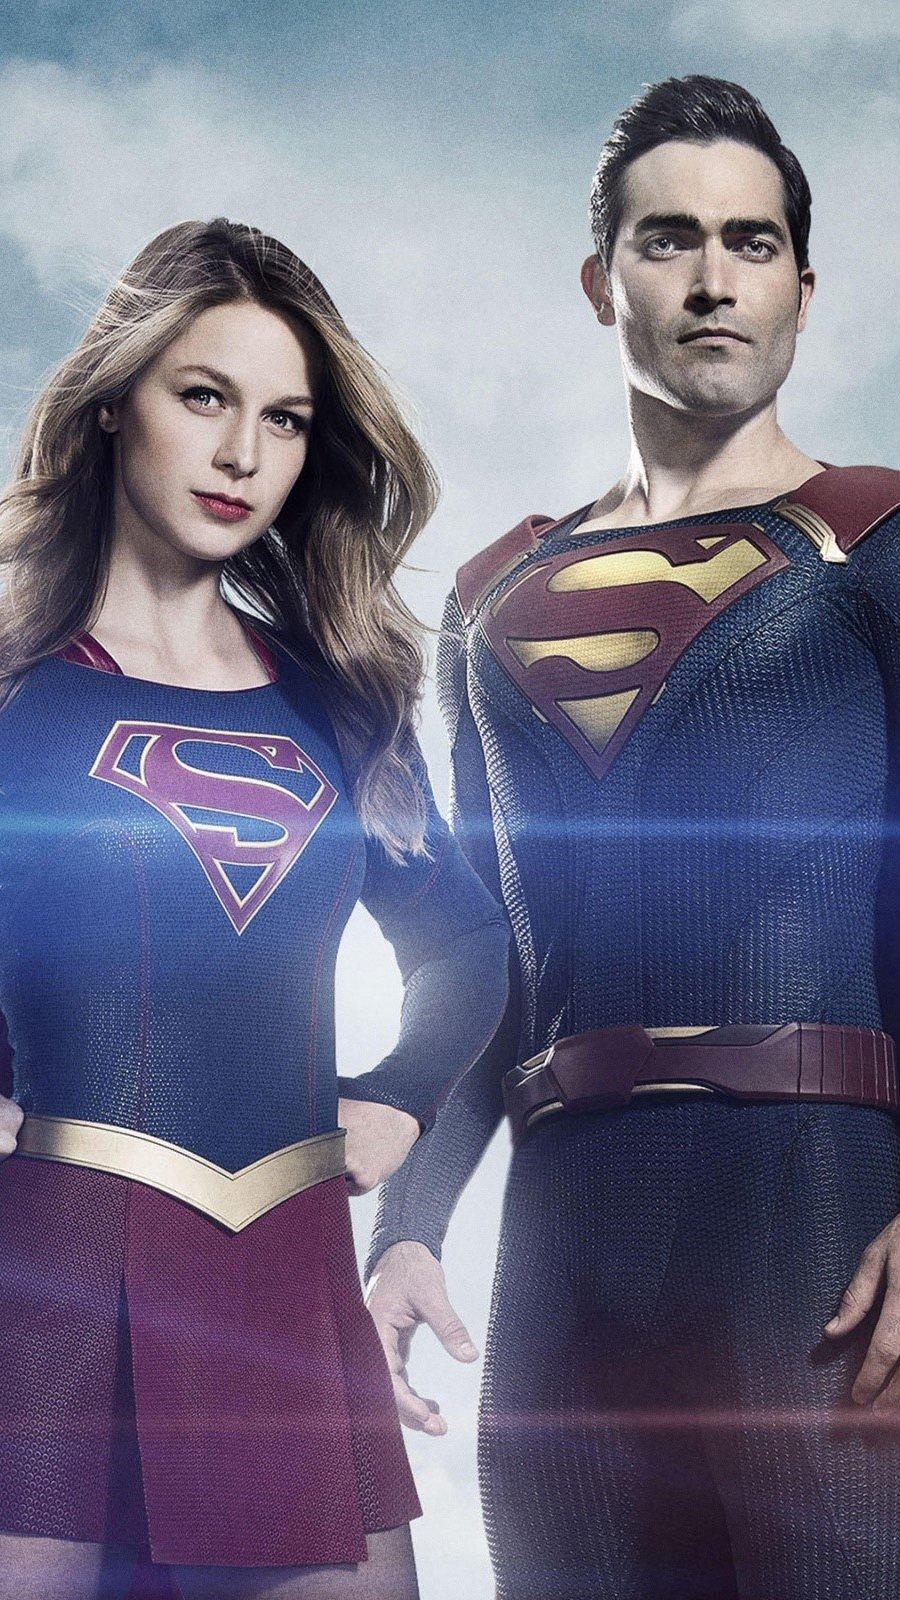 Fondos de pantalla Supergirl y Superman Vertical